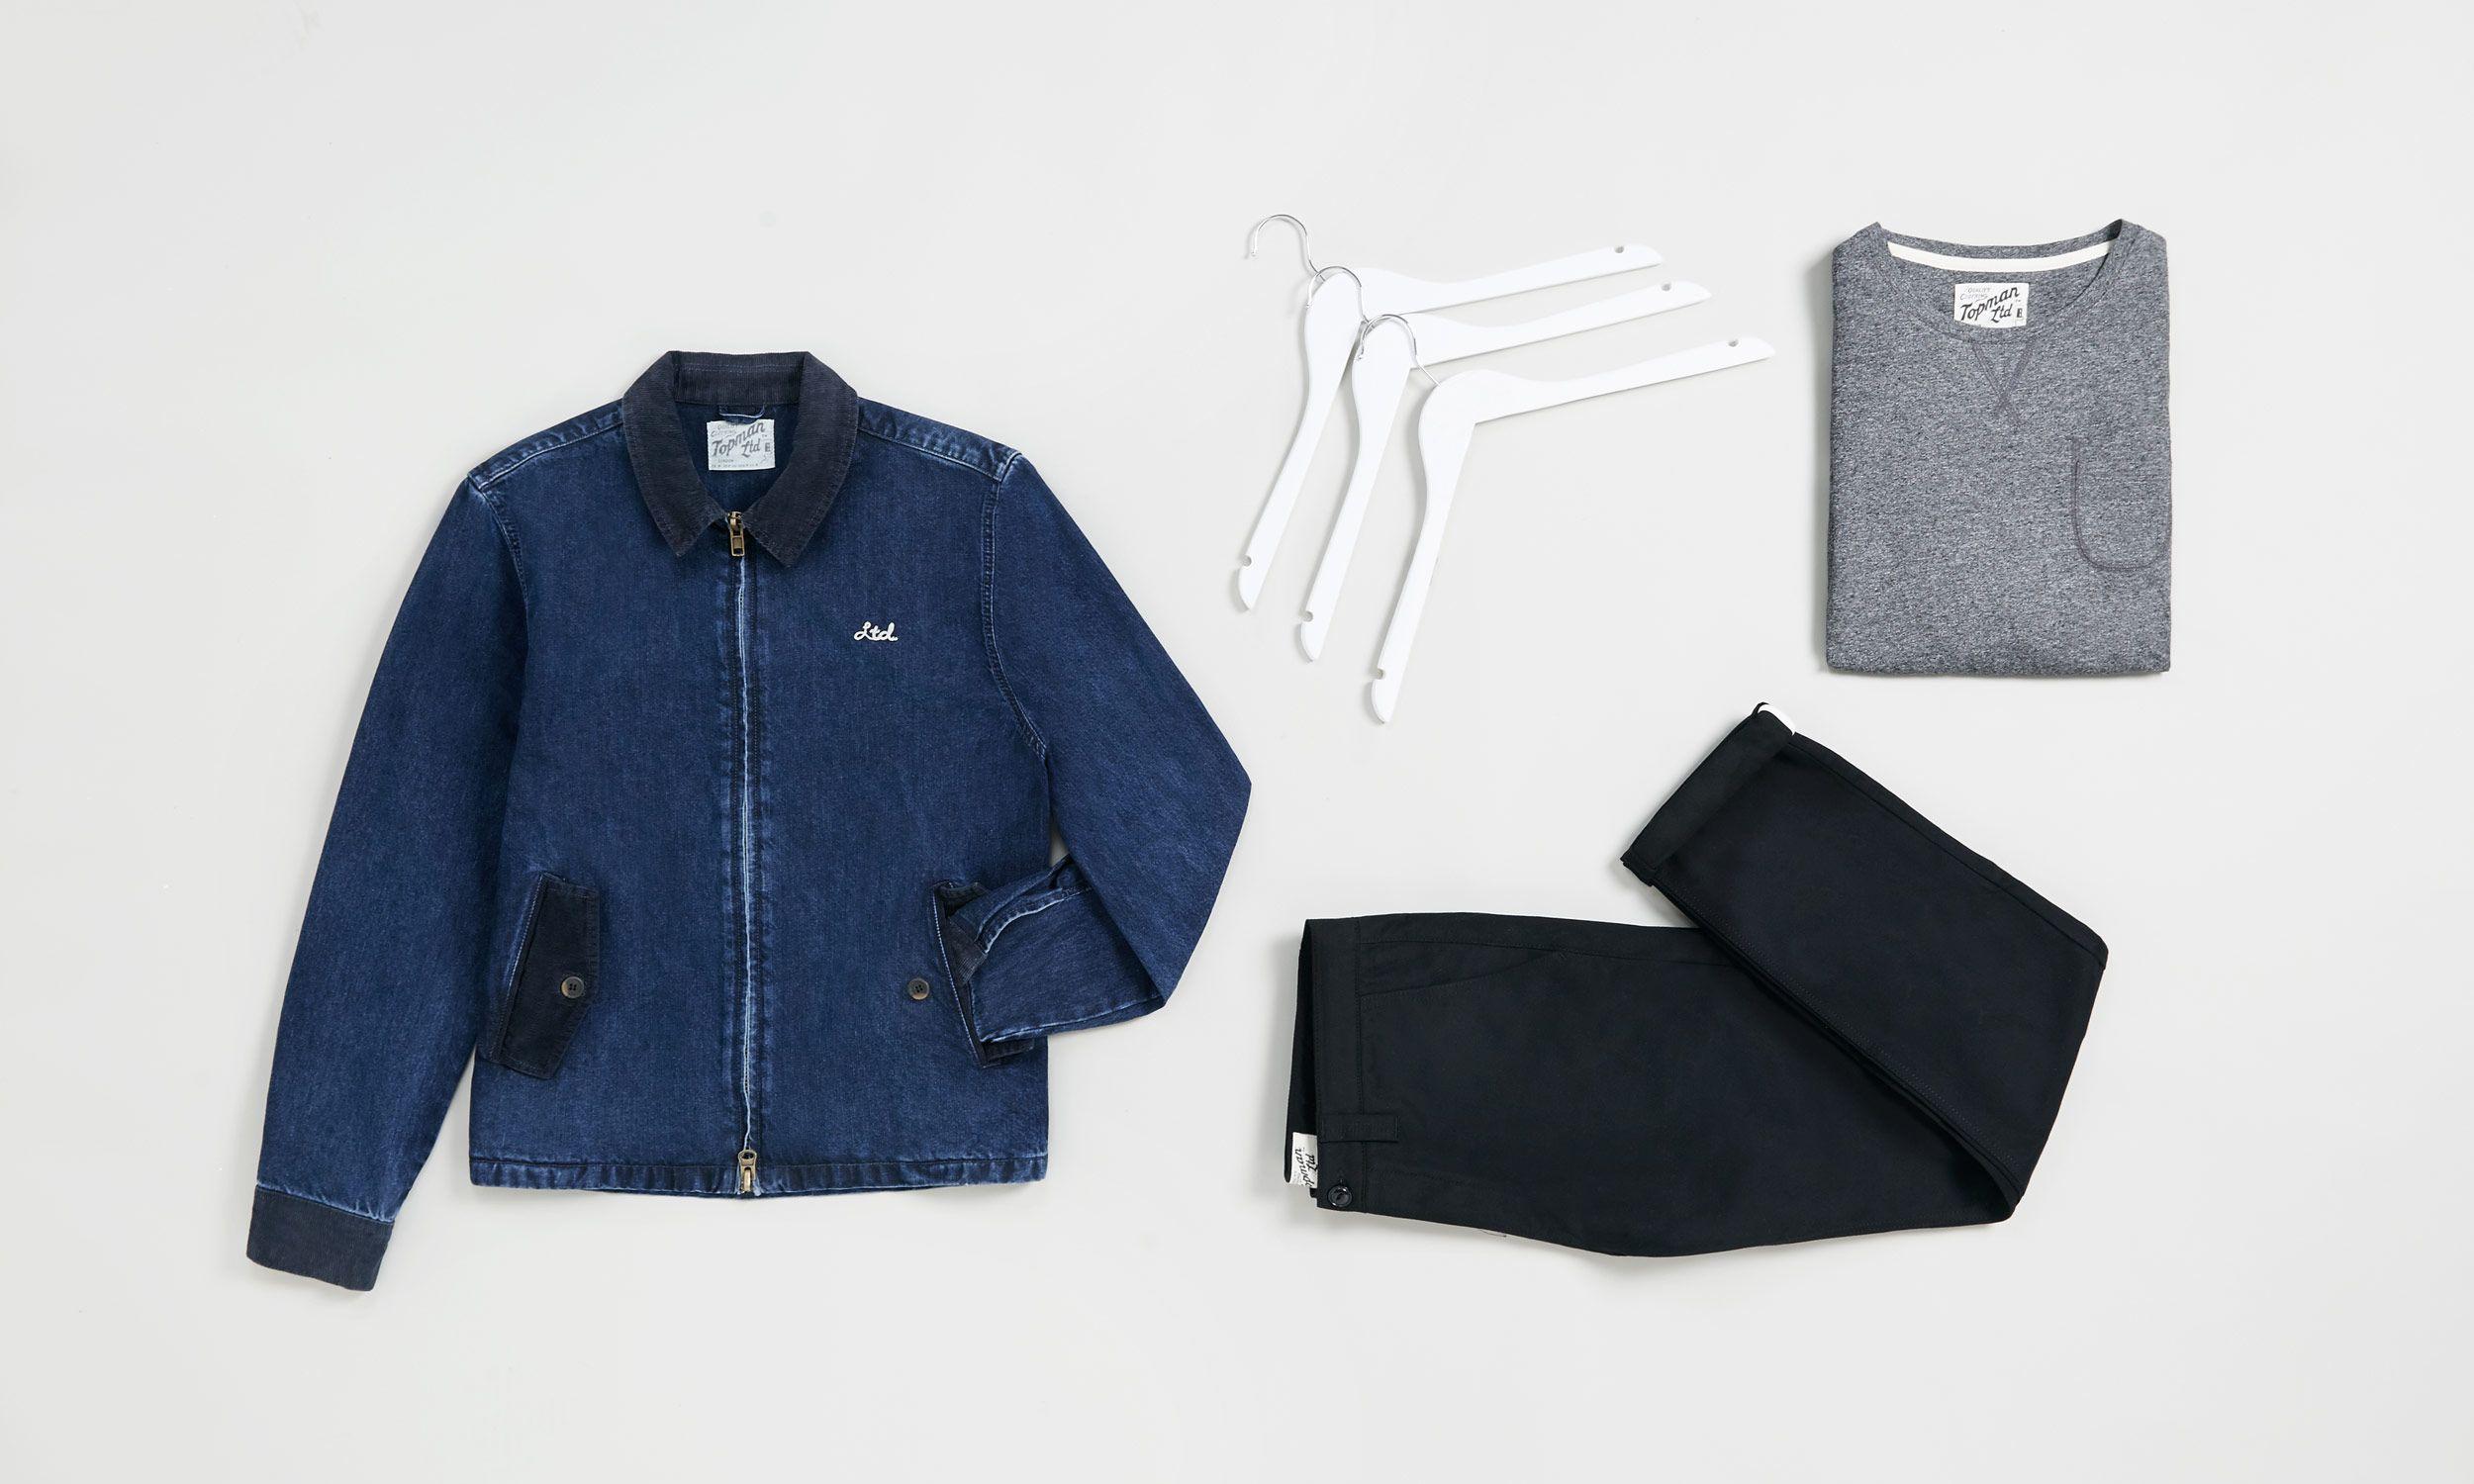 Topman LTD SS15 denim jacket